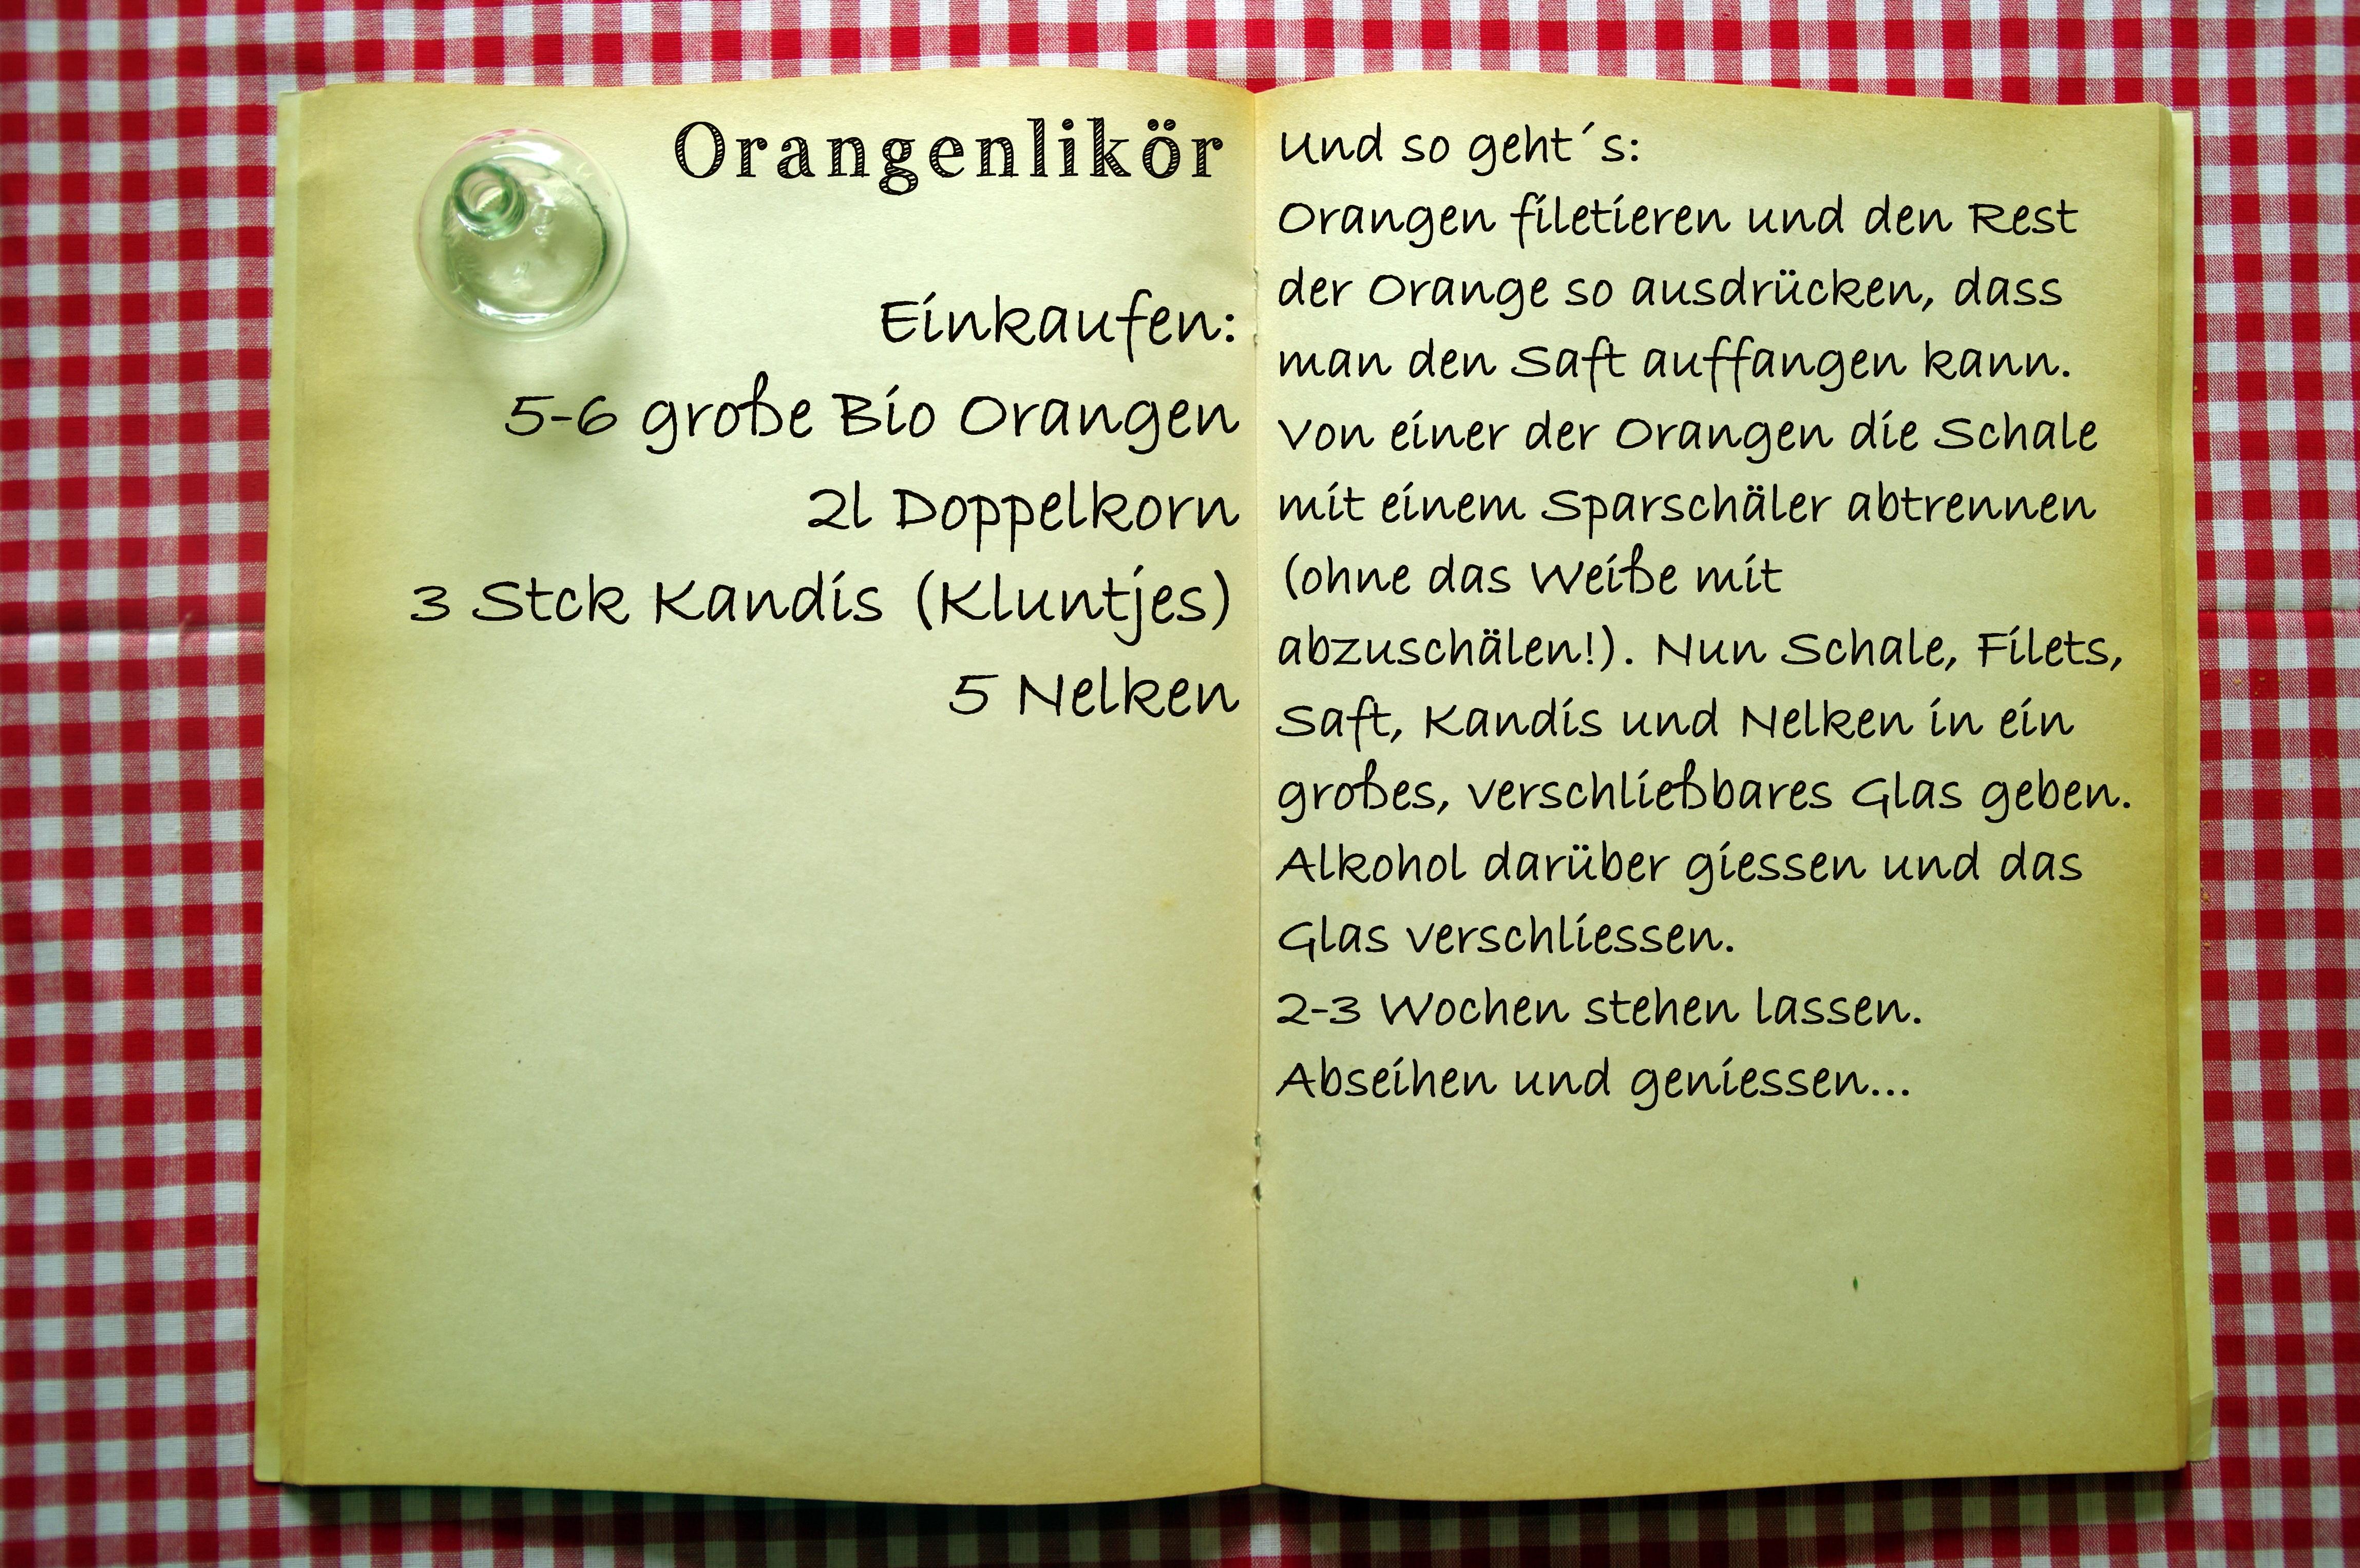 Einkaufszettel Orangenlikör by Glasgeflüster